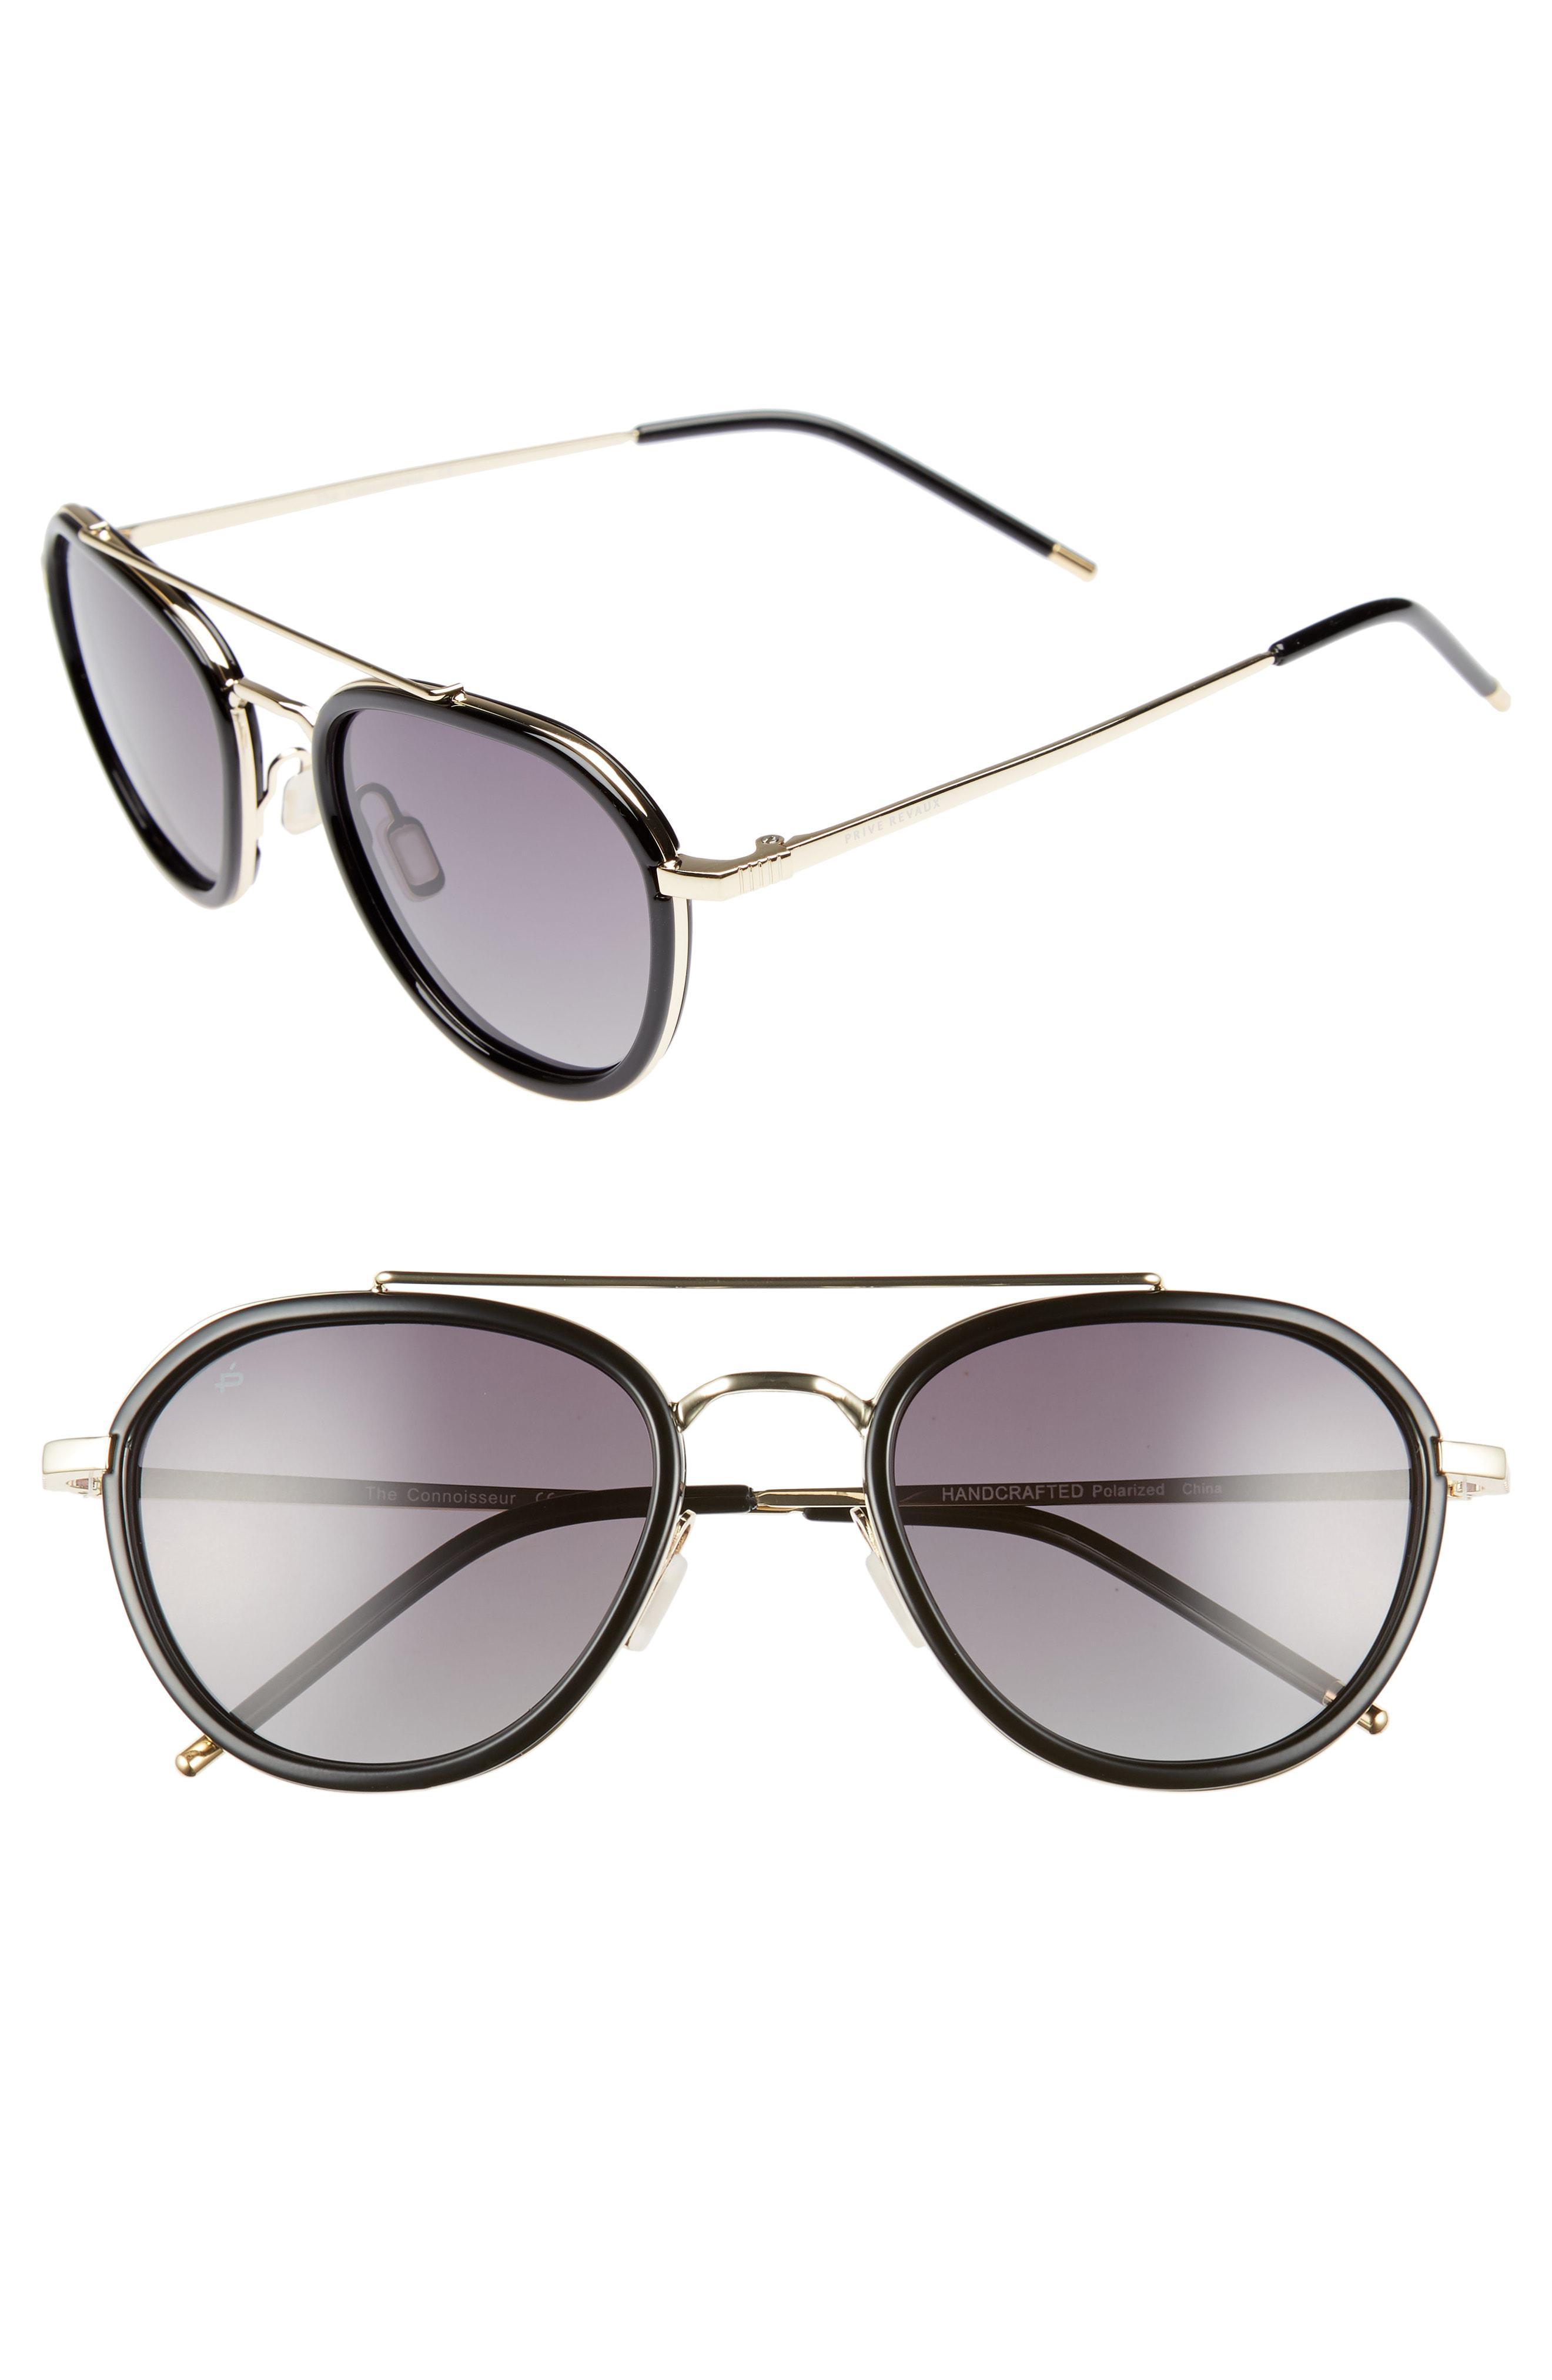 827226e1ecac9 Lyst - Privé Revaux The Connoisseur 53mm Polarized Sunglasses in ...